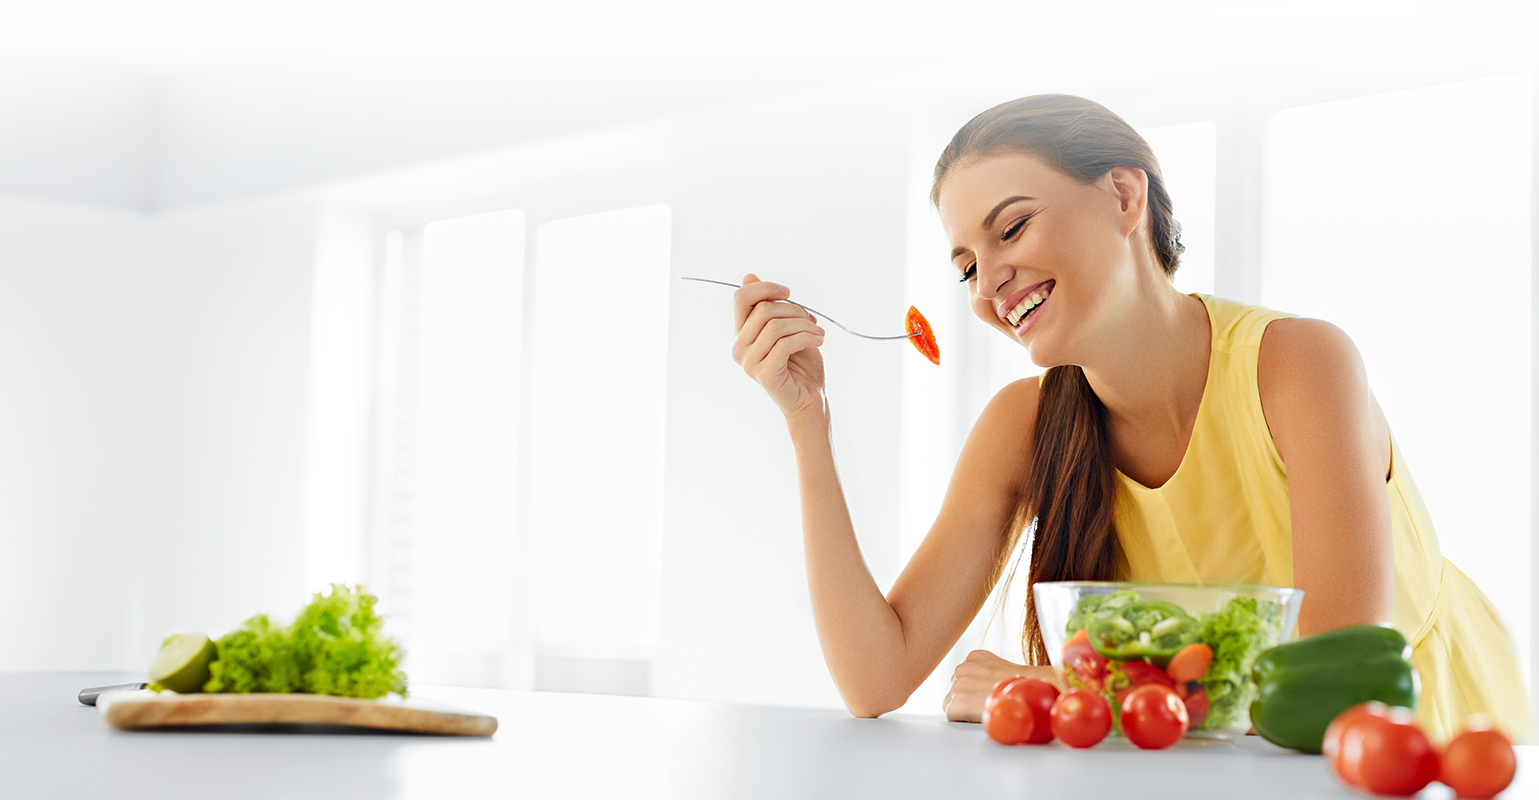 Healthy inside, fresh